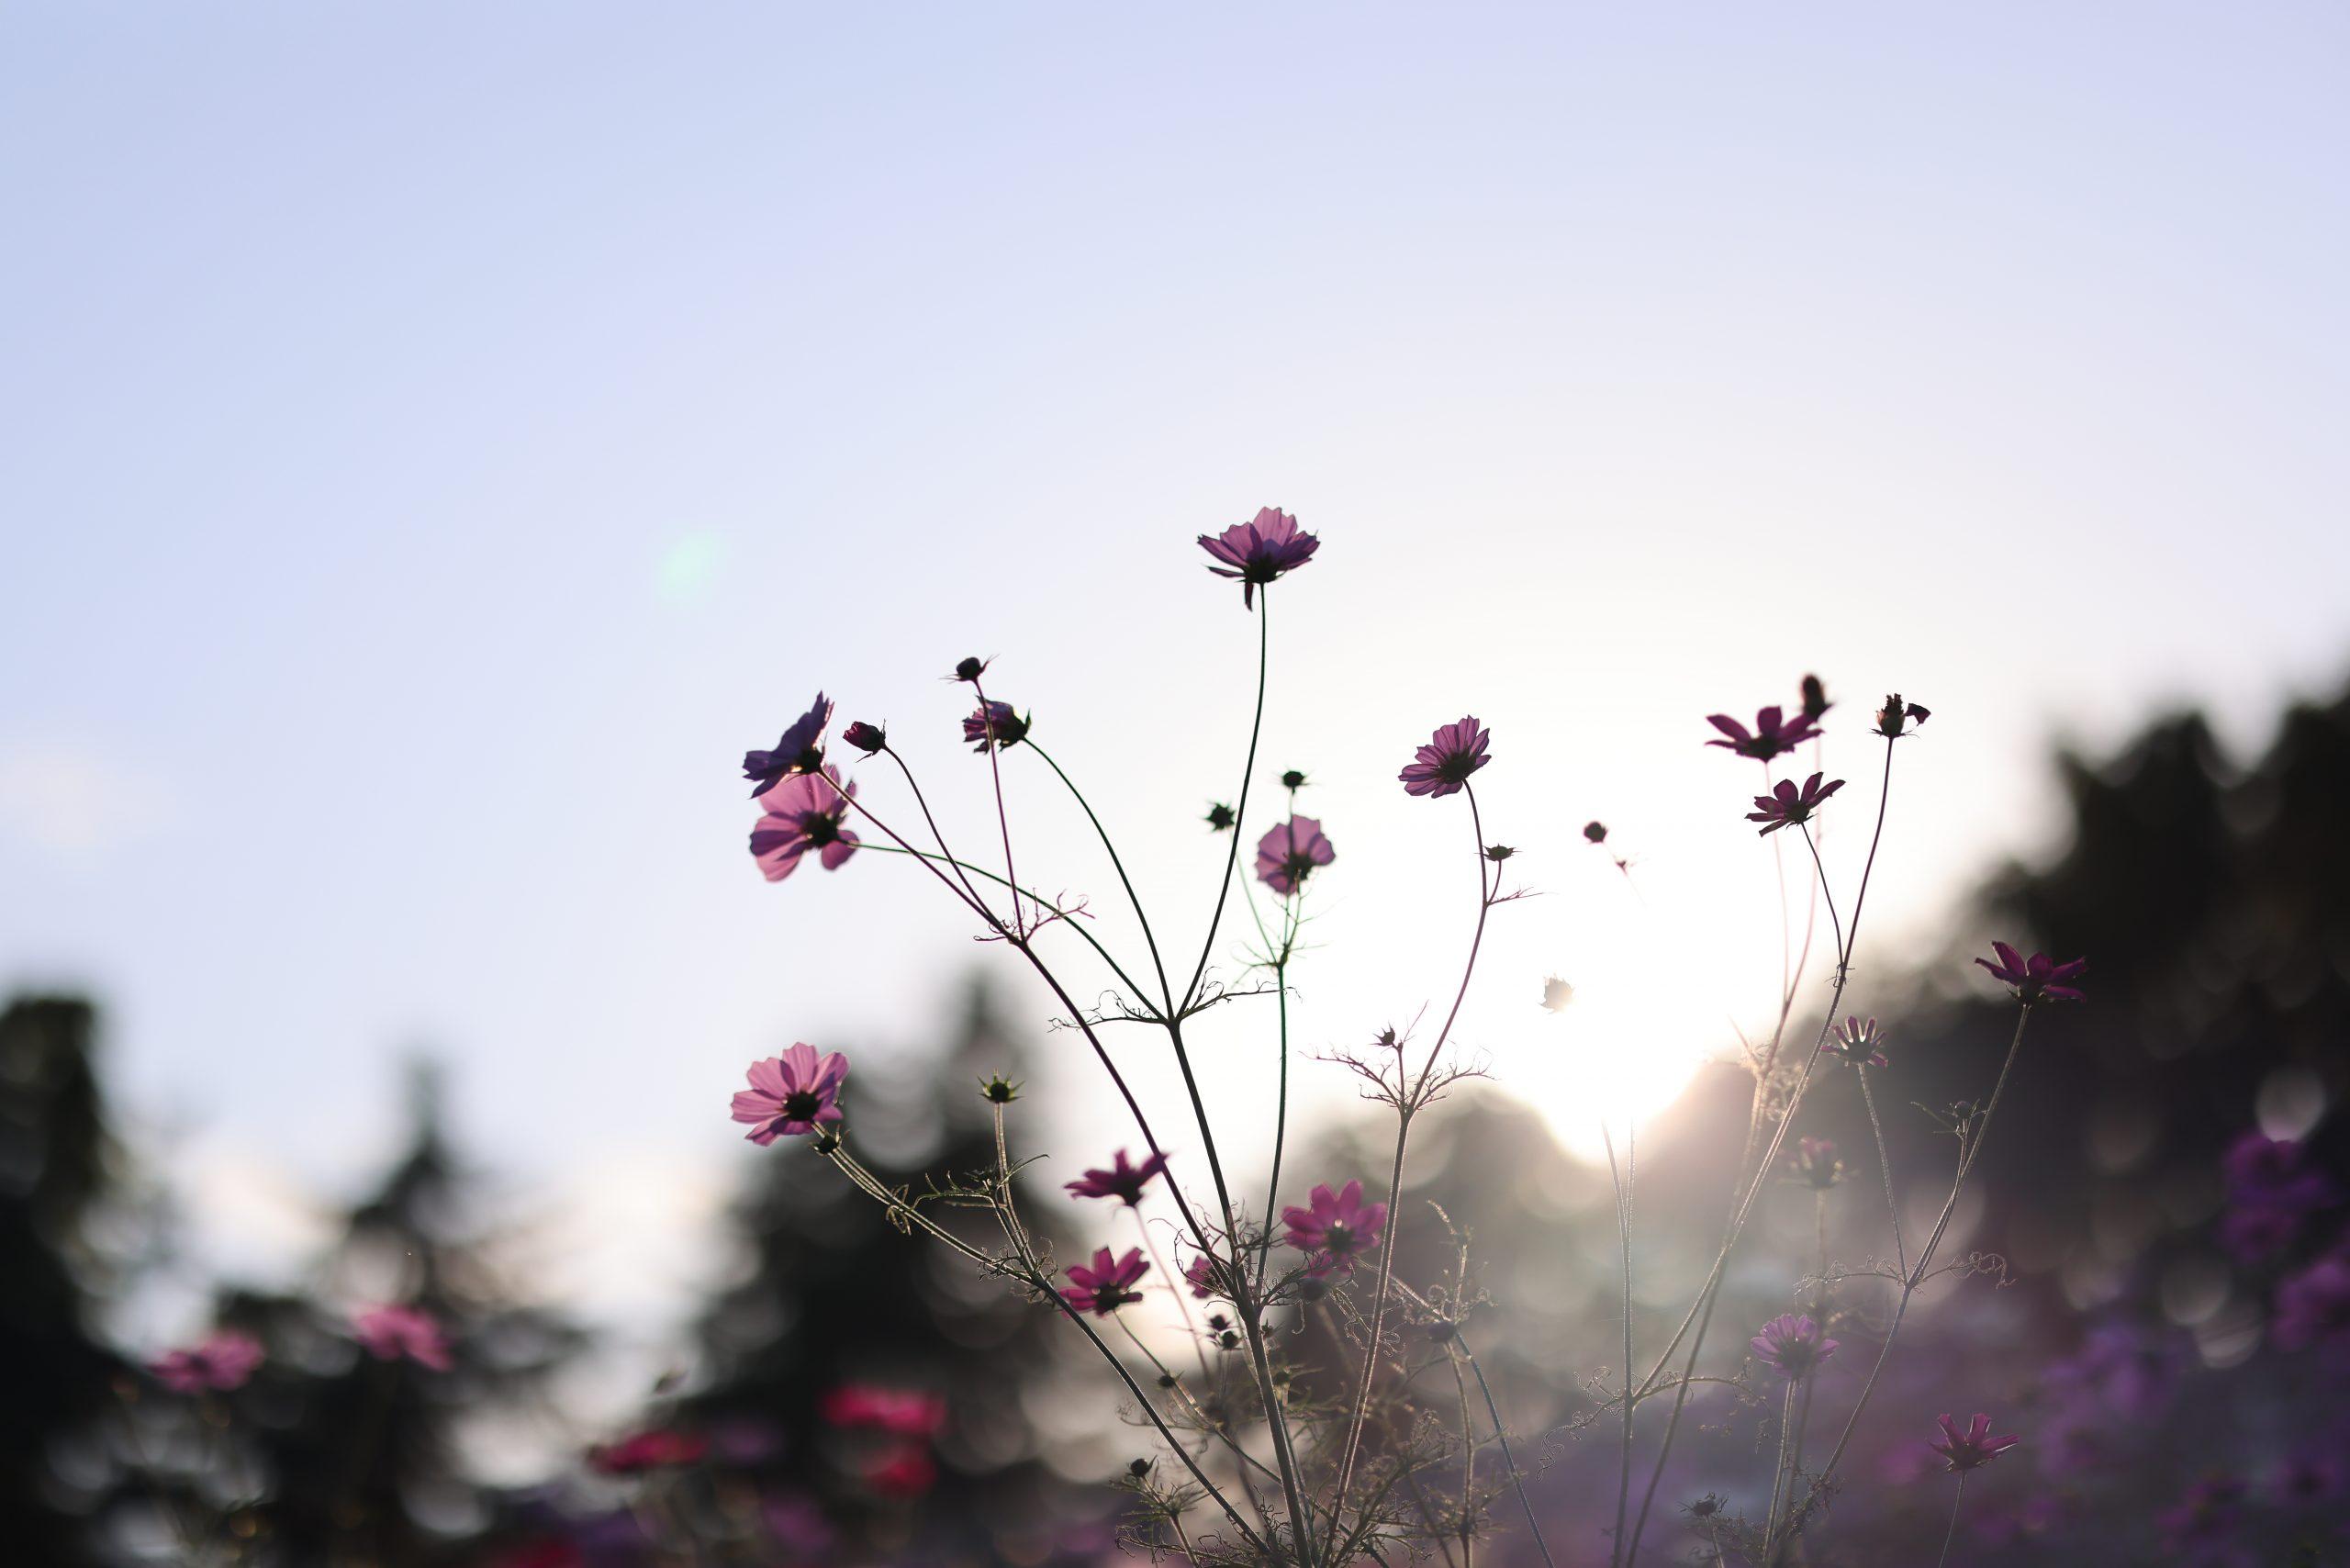 【Go To フォト】Canon 最新ミラーレスカメラとレンズで撮る秋桜